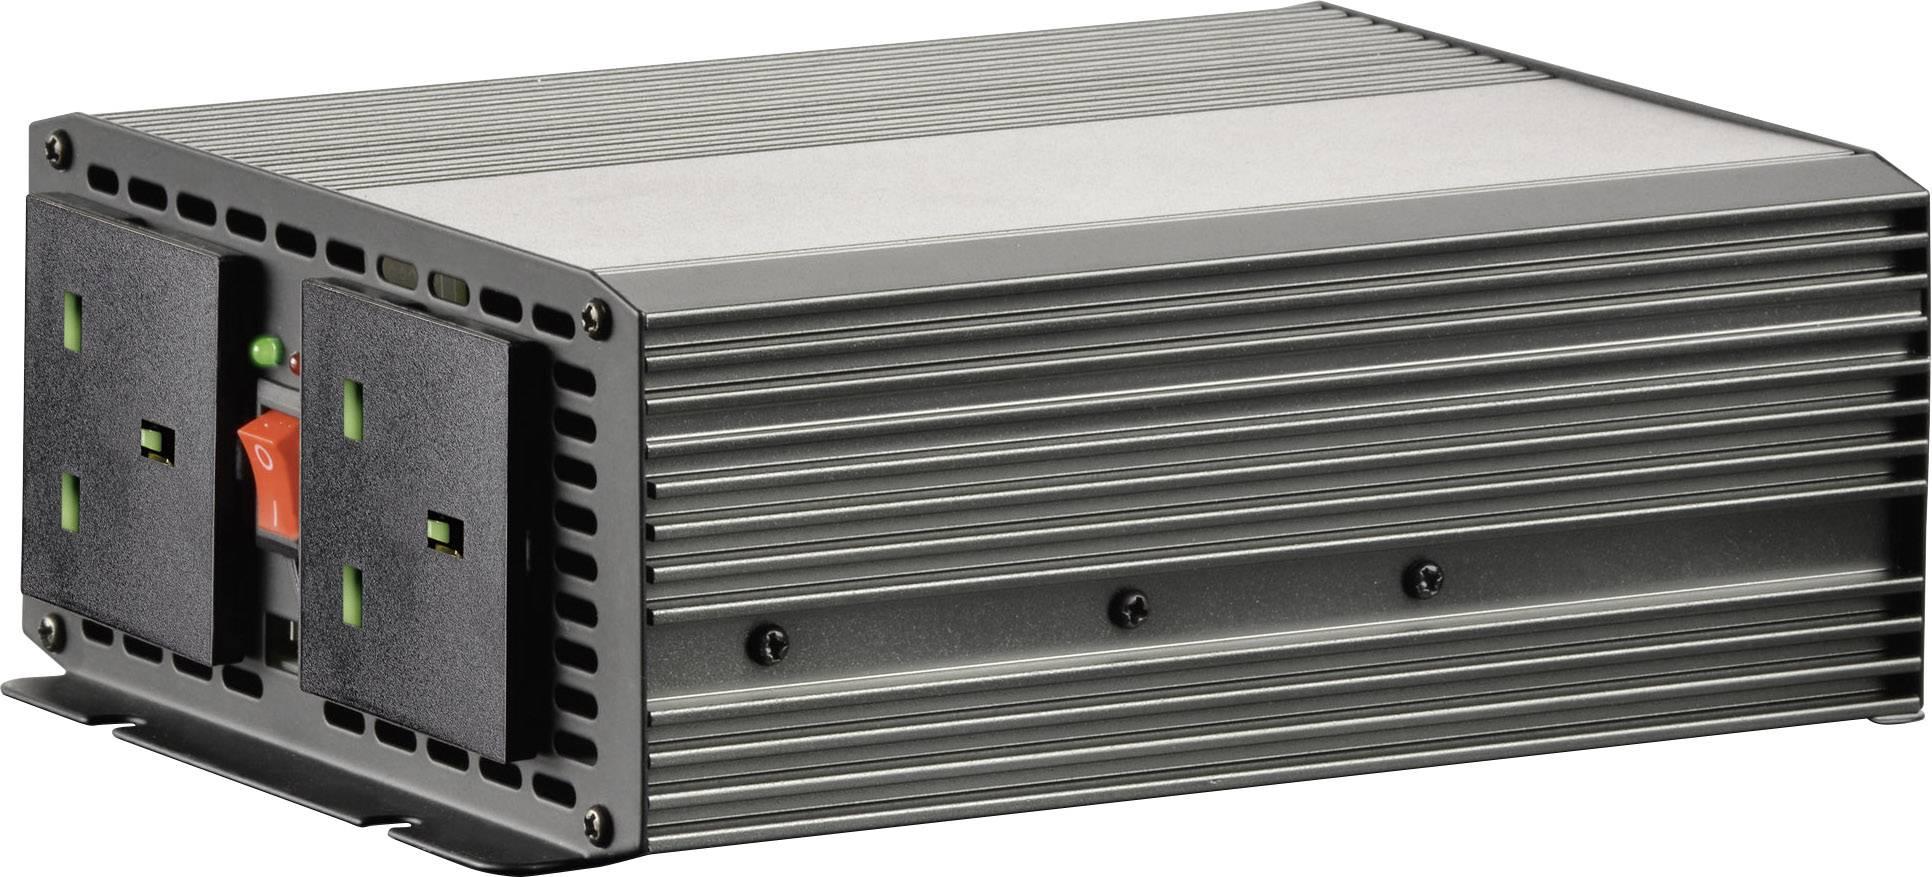 Měnič napětí VOLTCRAFT MSW 700-12-UK, 700 W, 12 V/DC/230 V/AC, 700 W